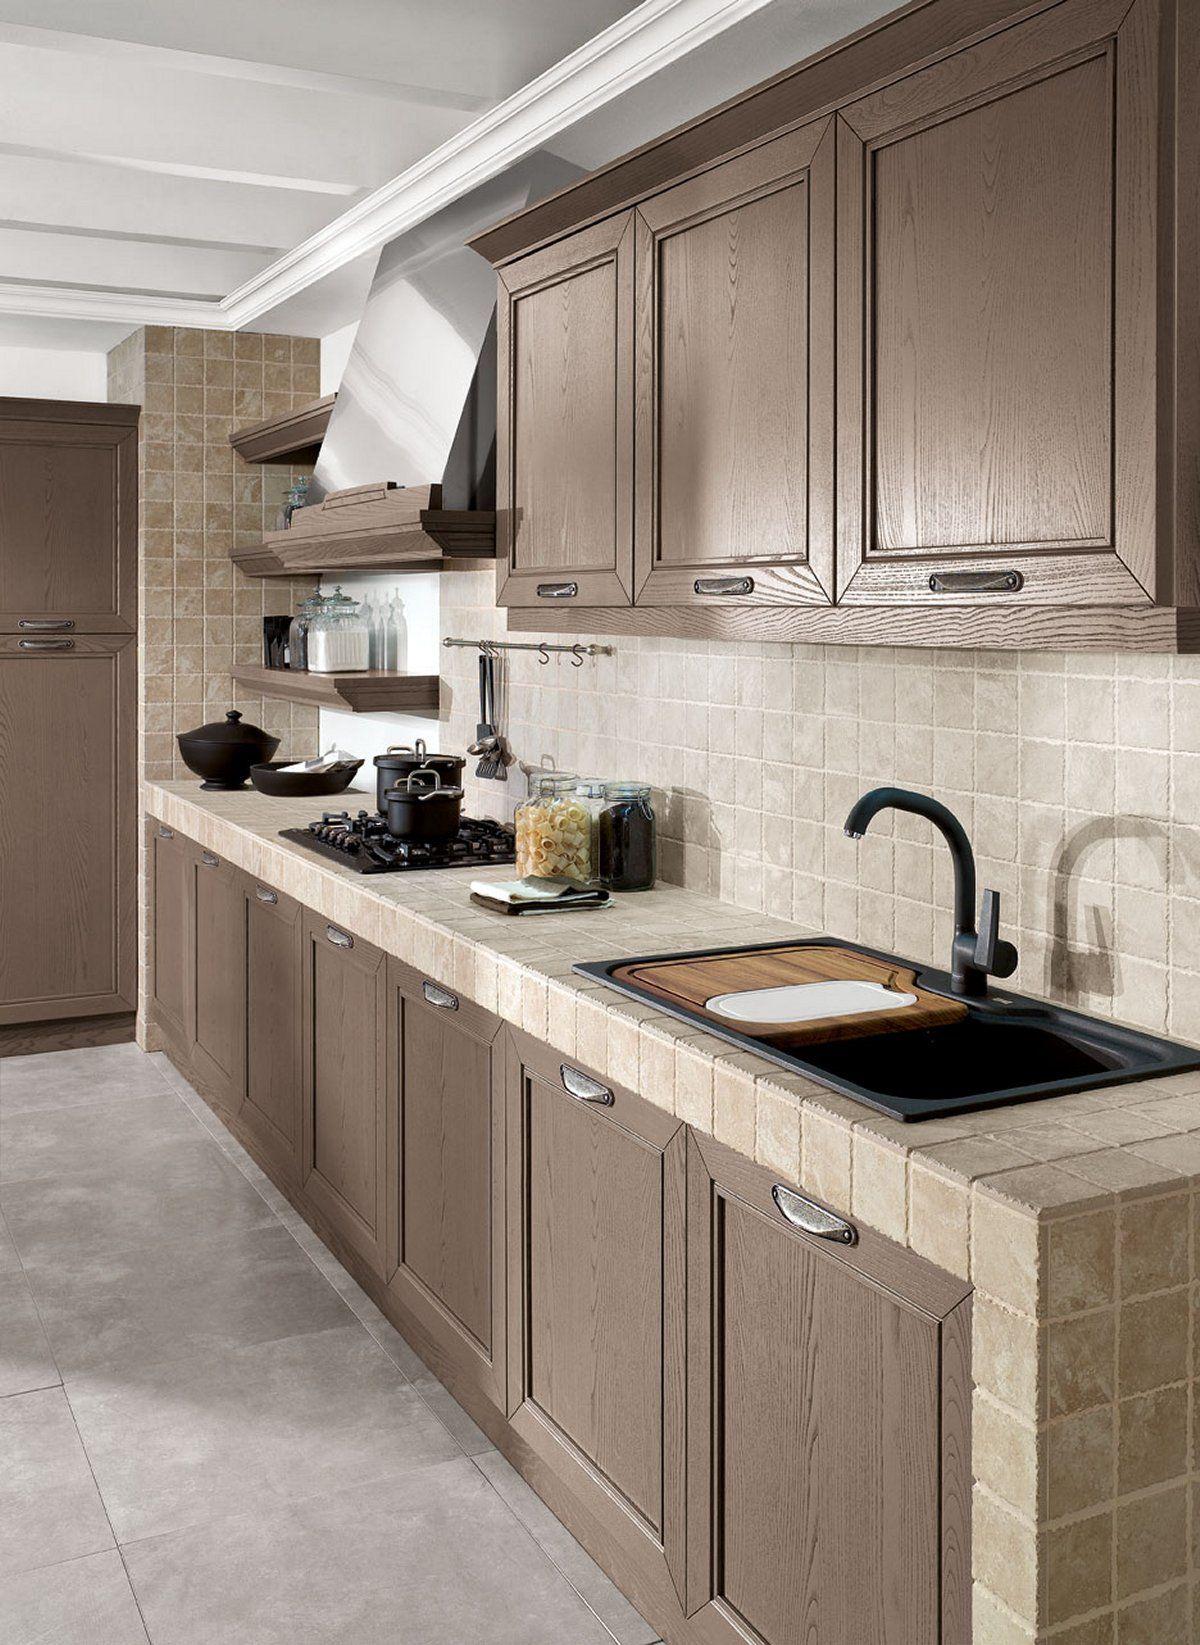 Resultado de imagen de cucina in muratura piastrelle | Cocinas ...